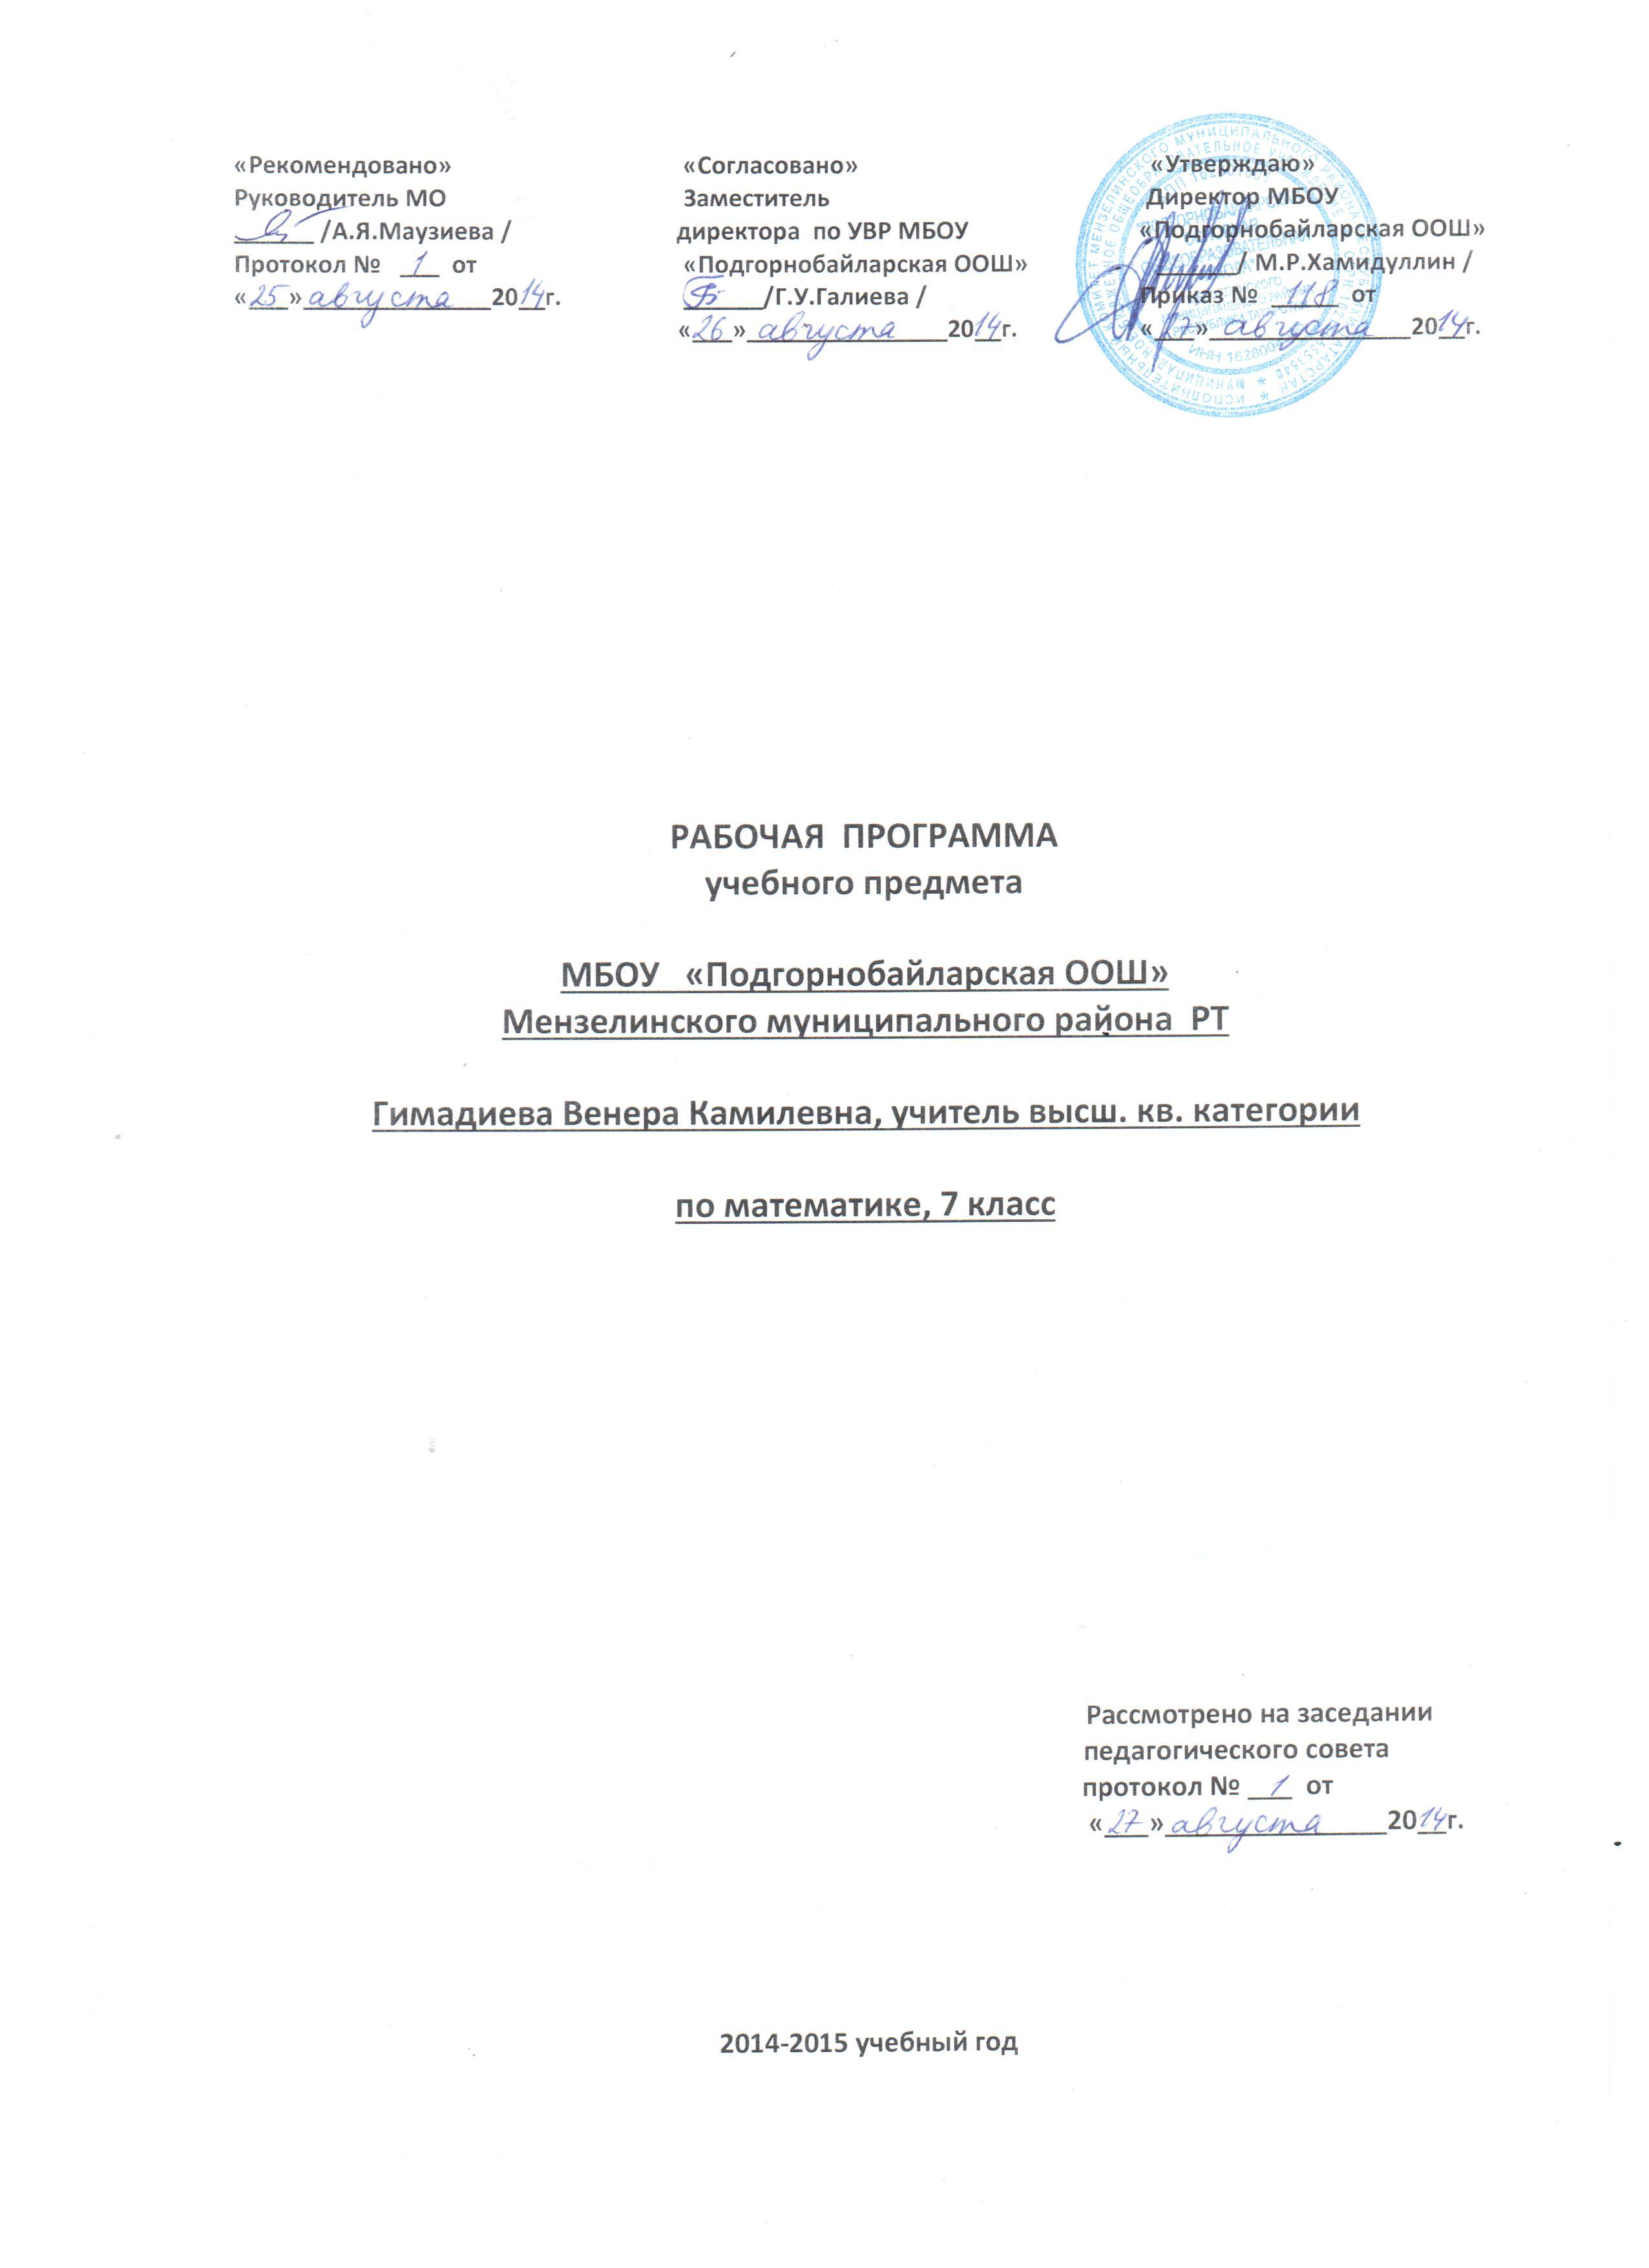 рт по математике 1 этап 2014-2015 задания